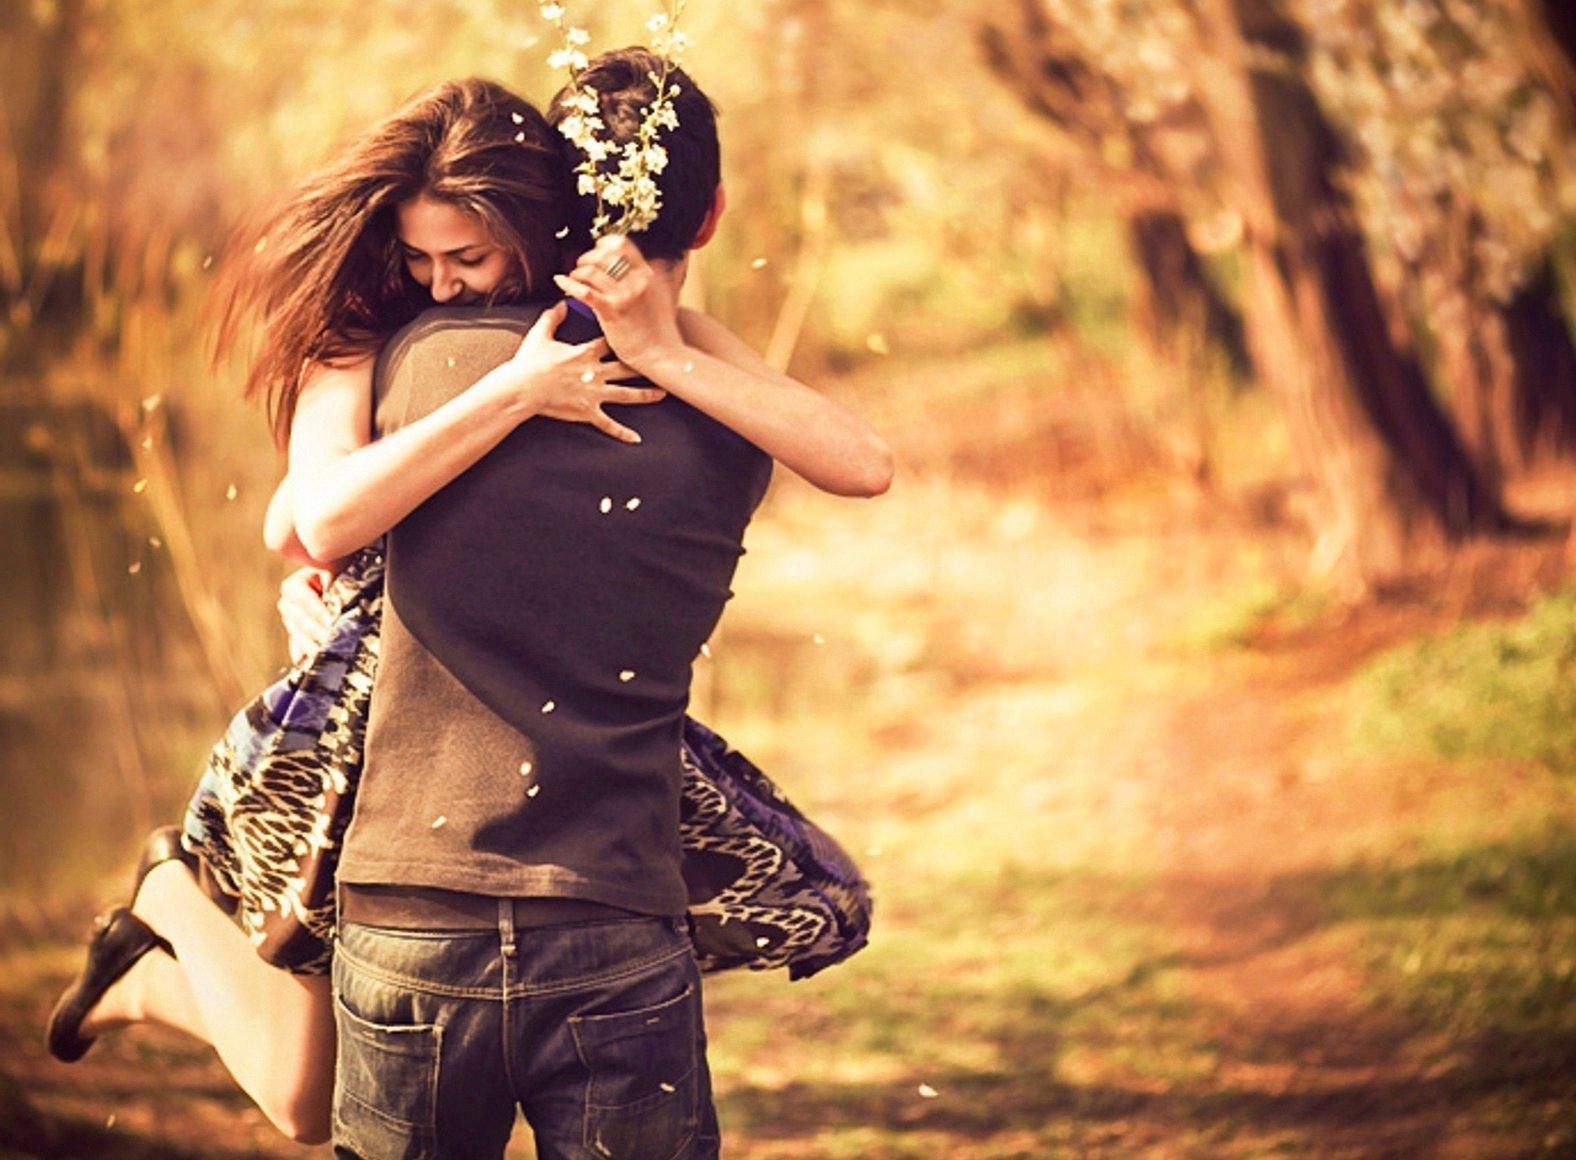 ảnh bạn gái,bạn trai,Bí kíp,yêu,tình cảm,hành động,giản dị